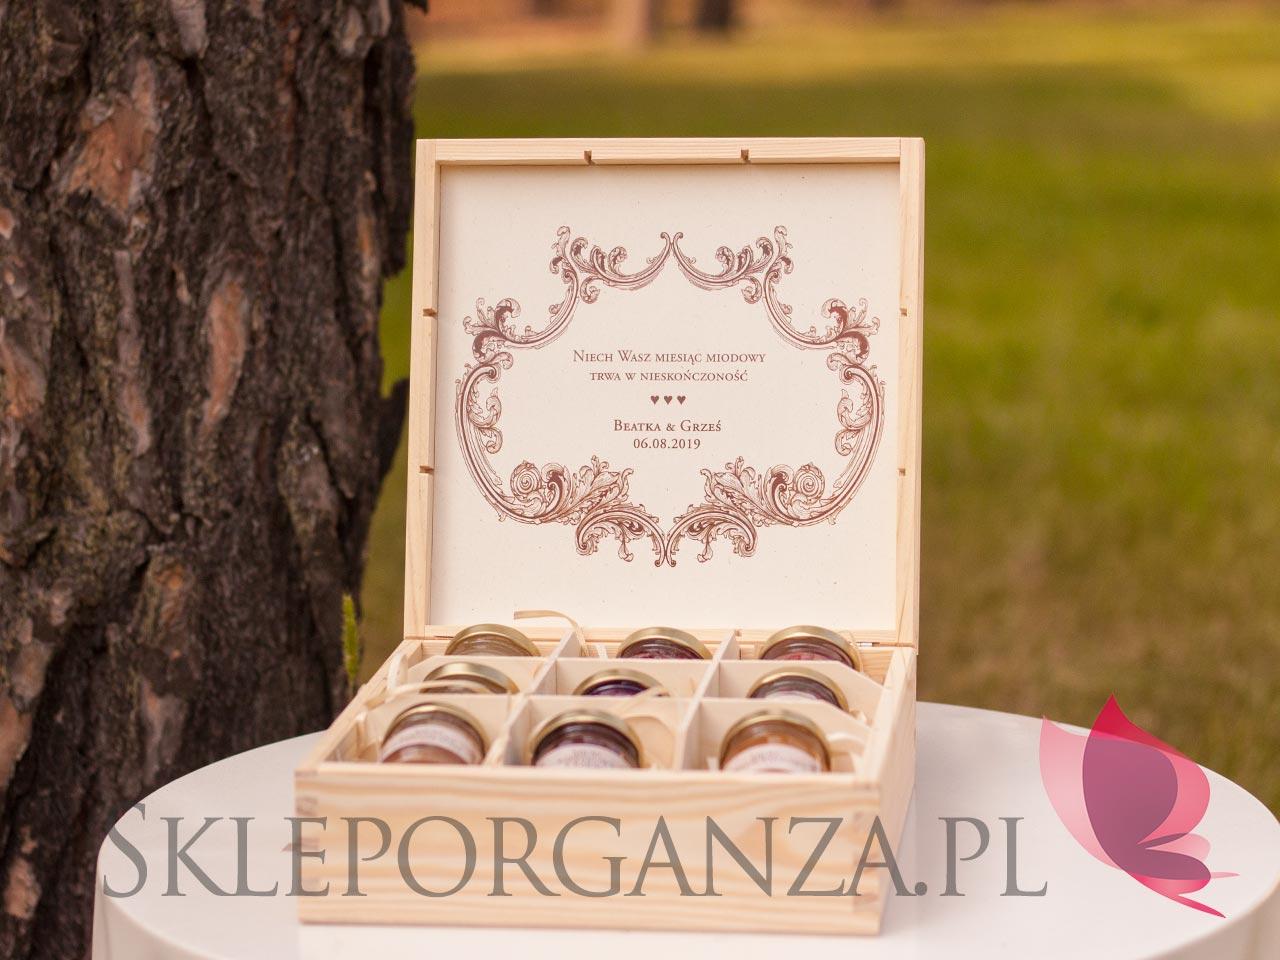 personalizowane szkatułki z miodami smakowymi, personalizowane szkatułki, mini miodziki, skrzynki z miodami, jakie upominki na rocznice, upominki na rocznice, personalizowane upominki na rocznice, personalizowane mini miodziki